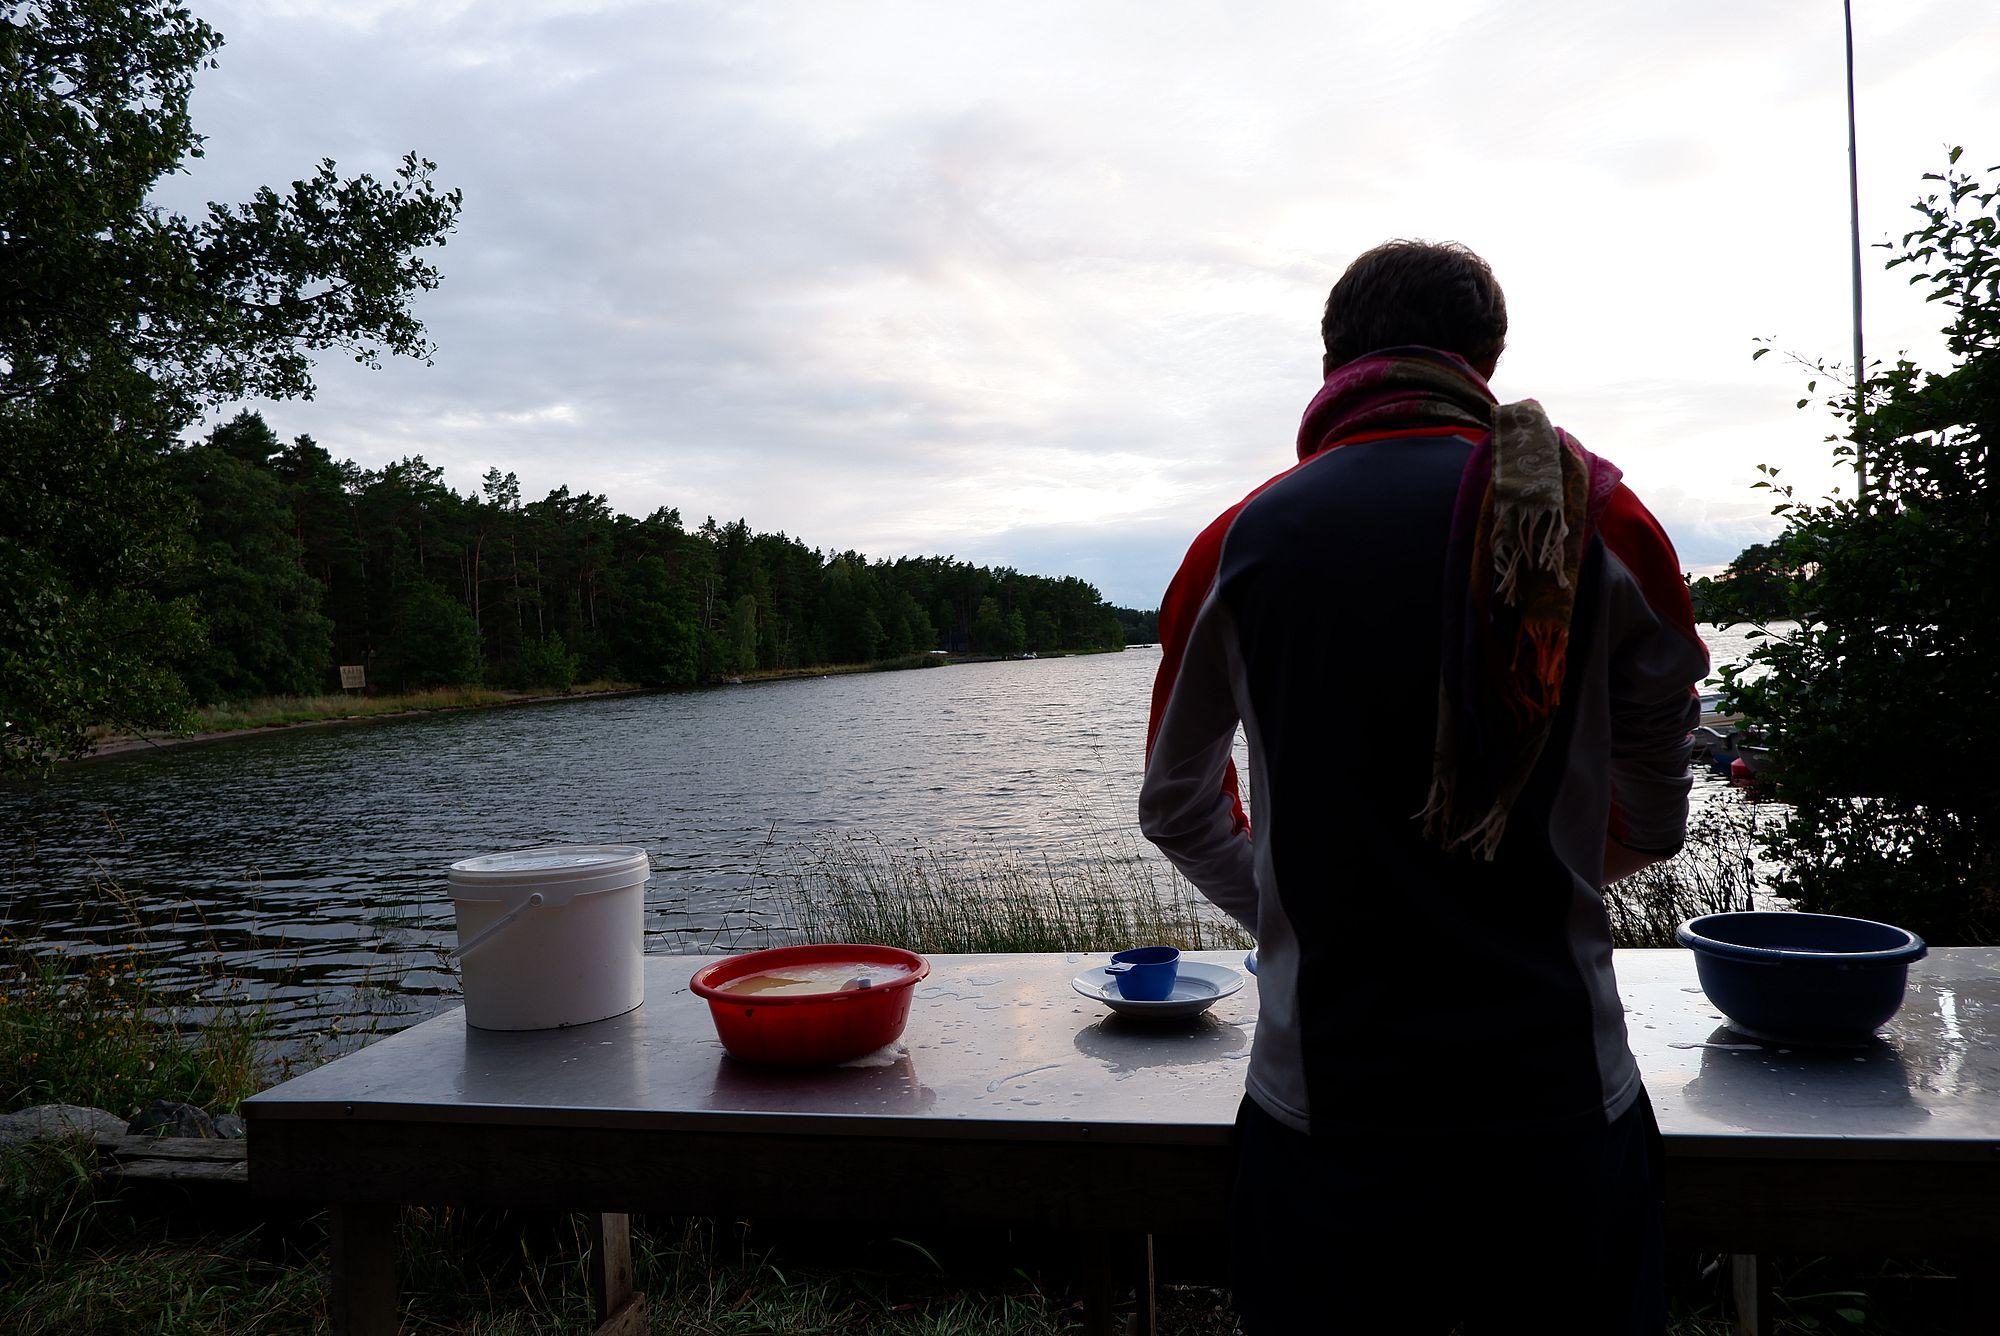 Ryan fait la vaisselle dehors face à l'eau.